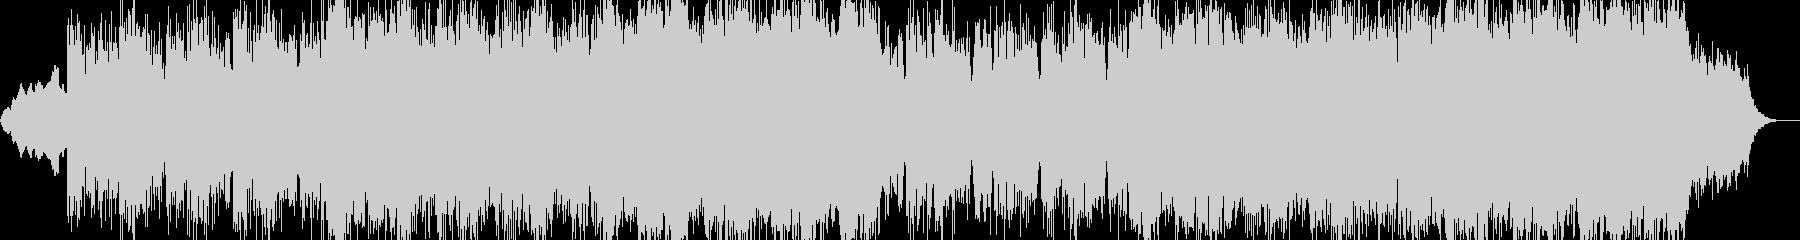 映画音楽、荘厳重厚、映像向け-31の未再生の波形